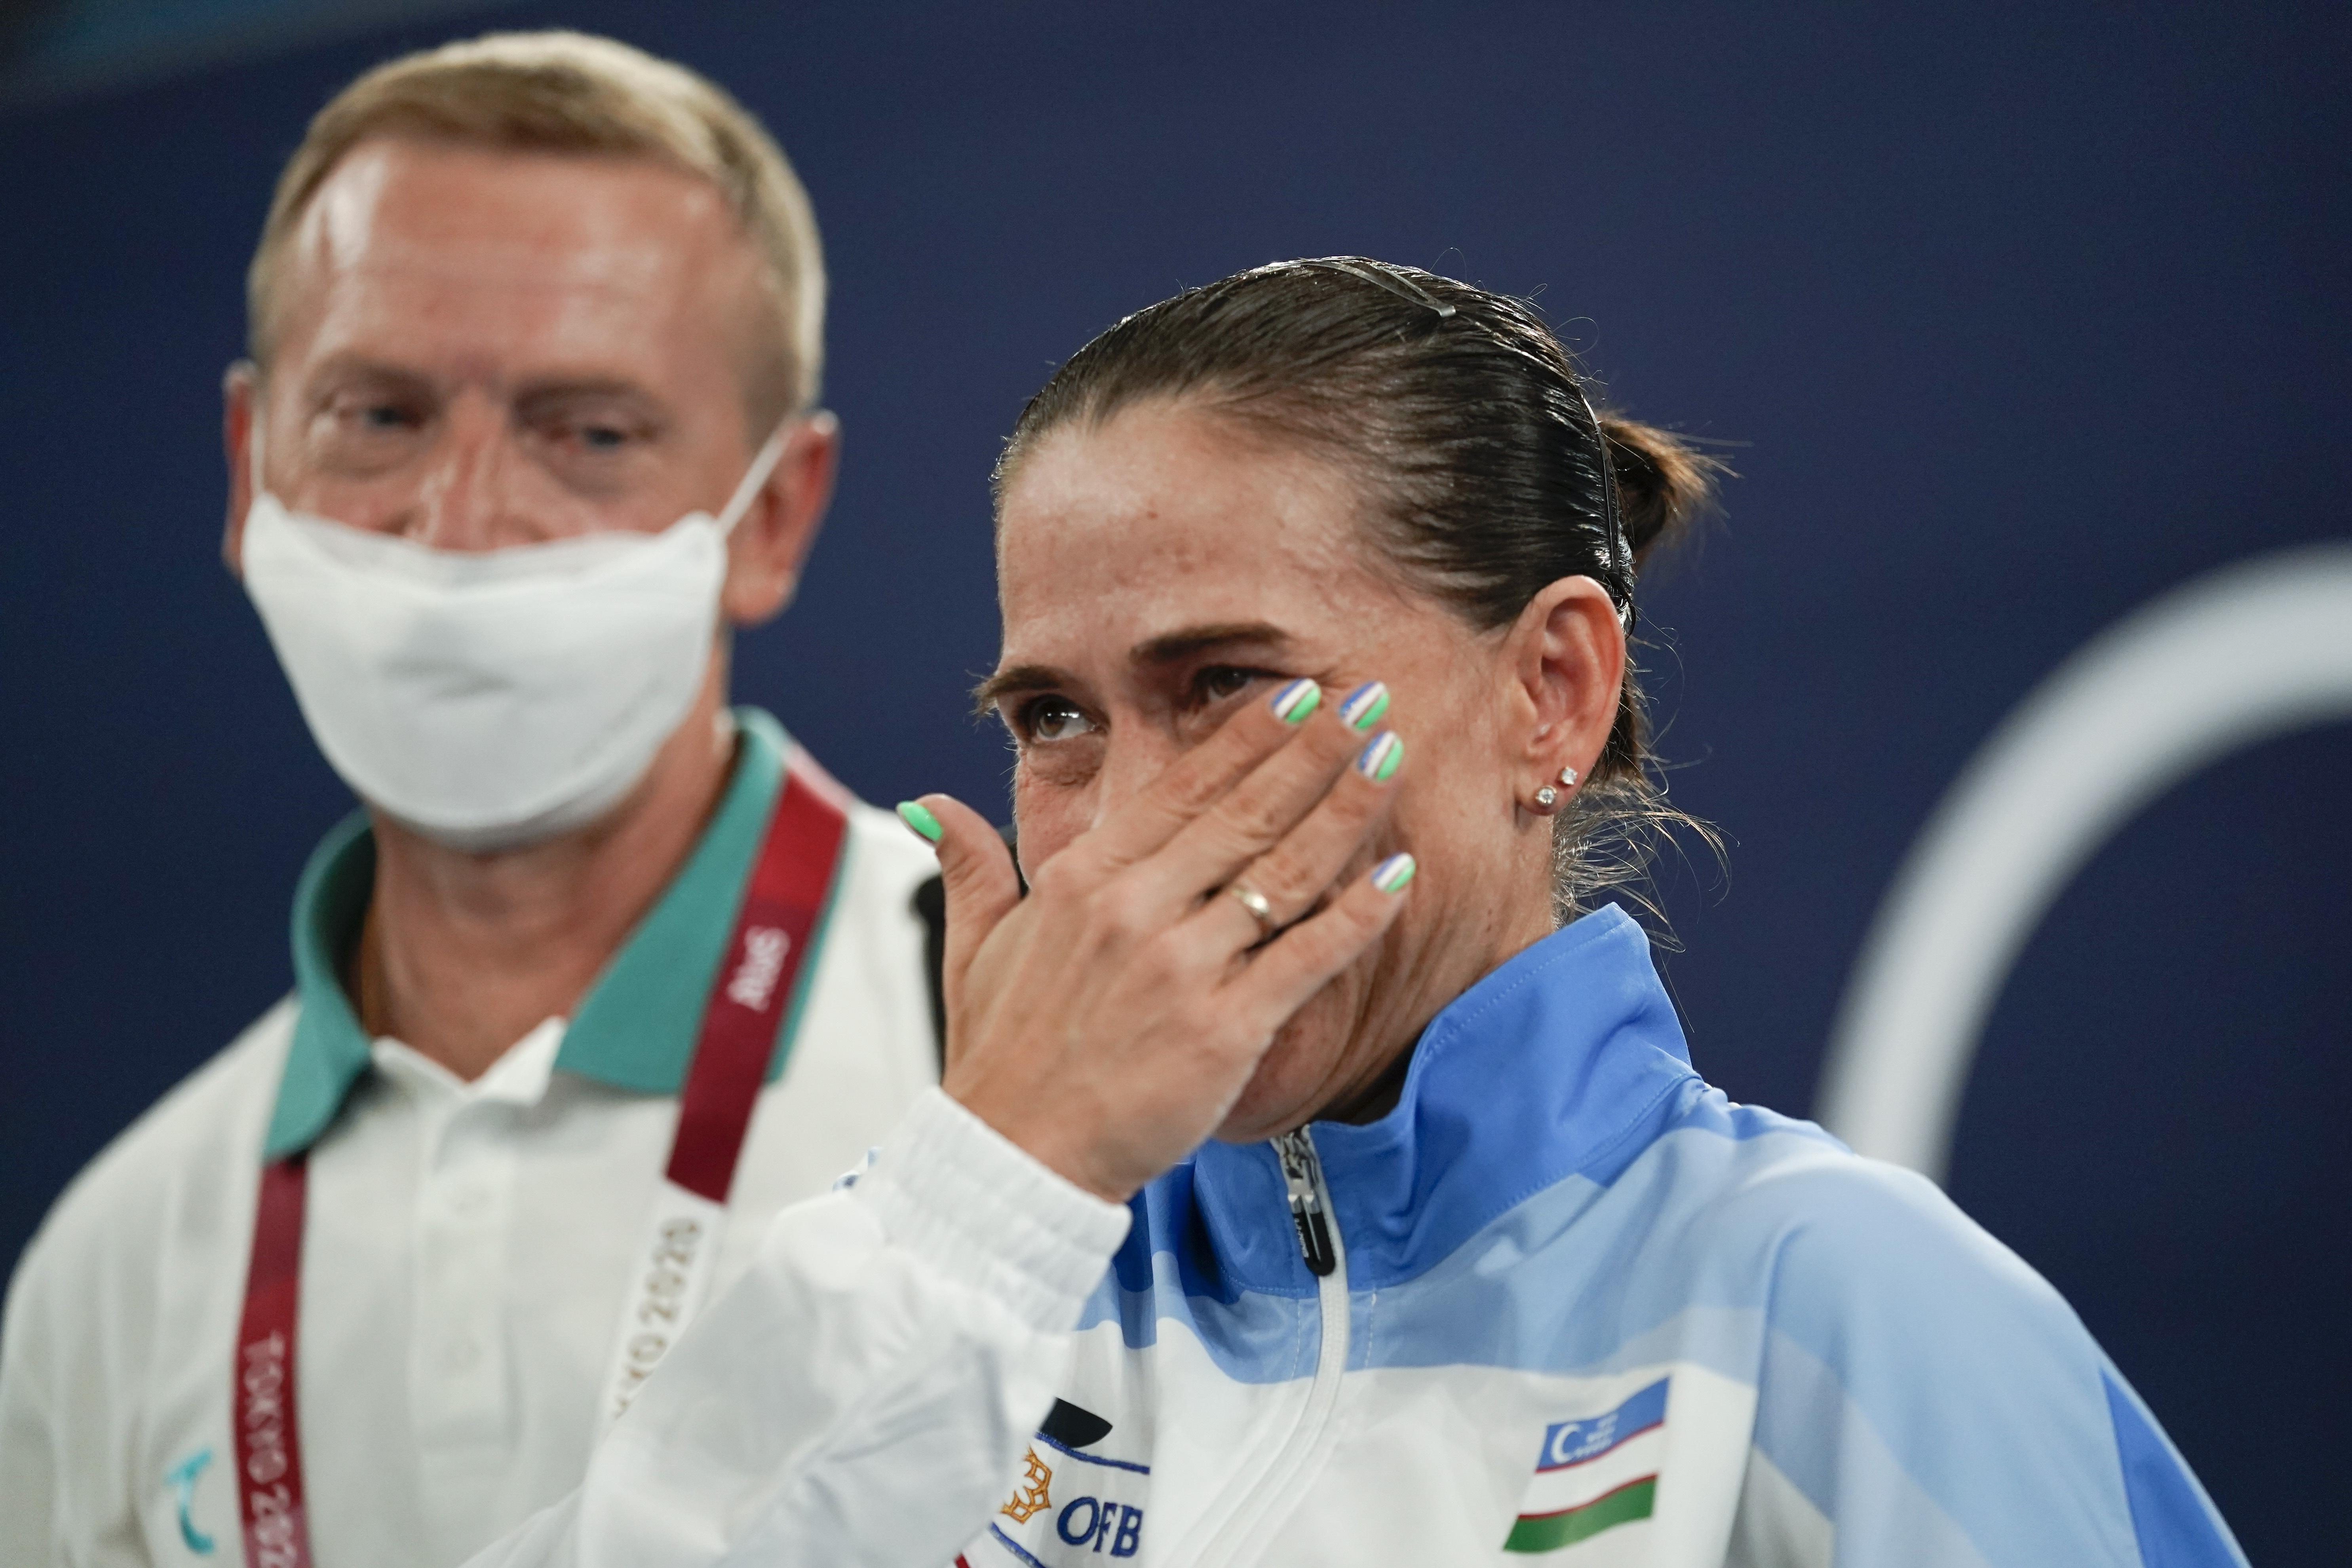 丘索维金娜抹着眼泪。